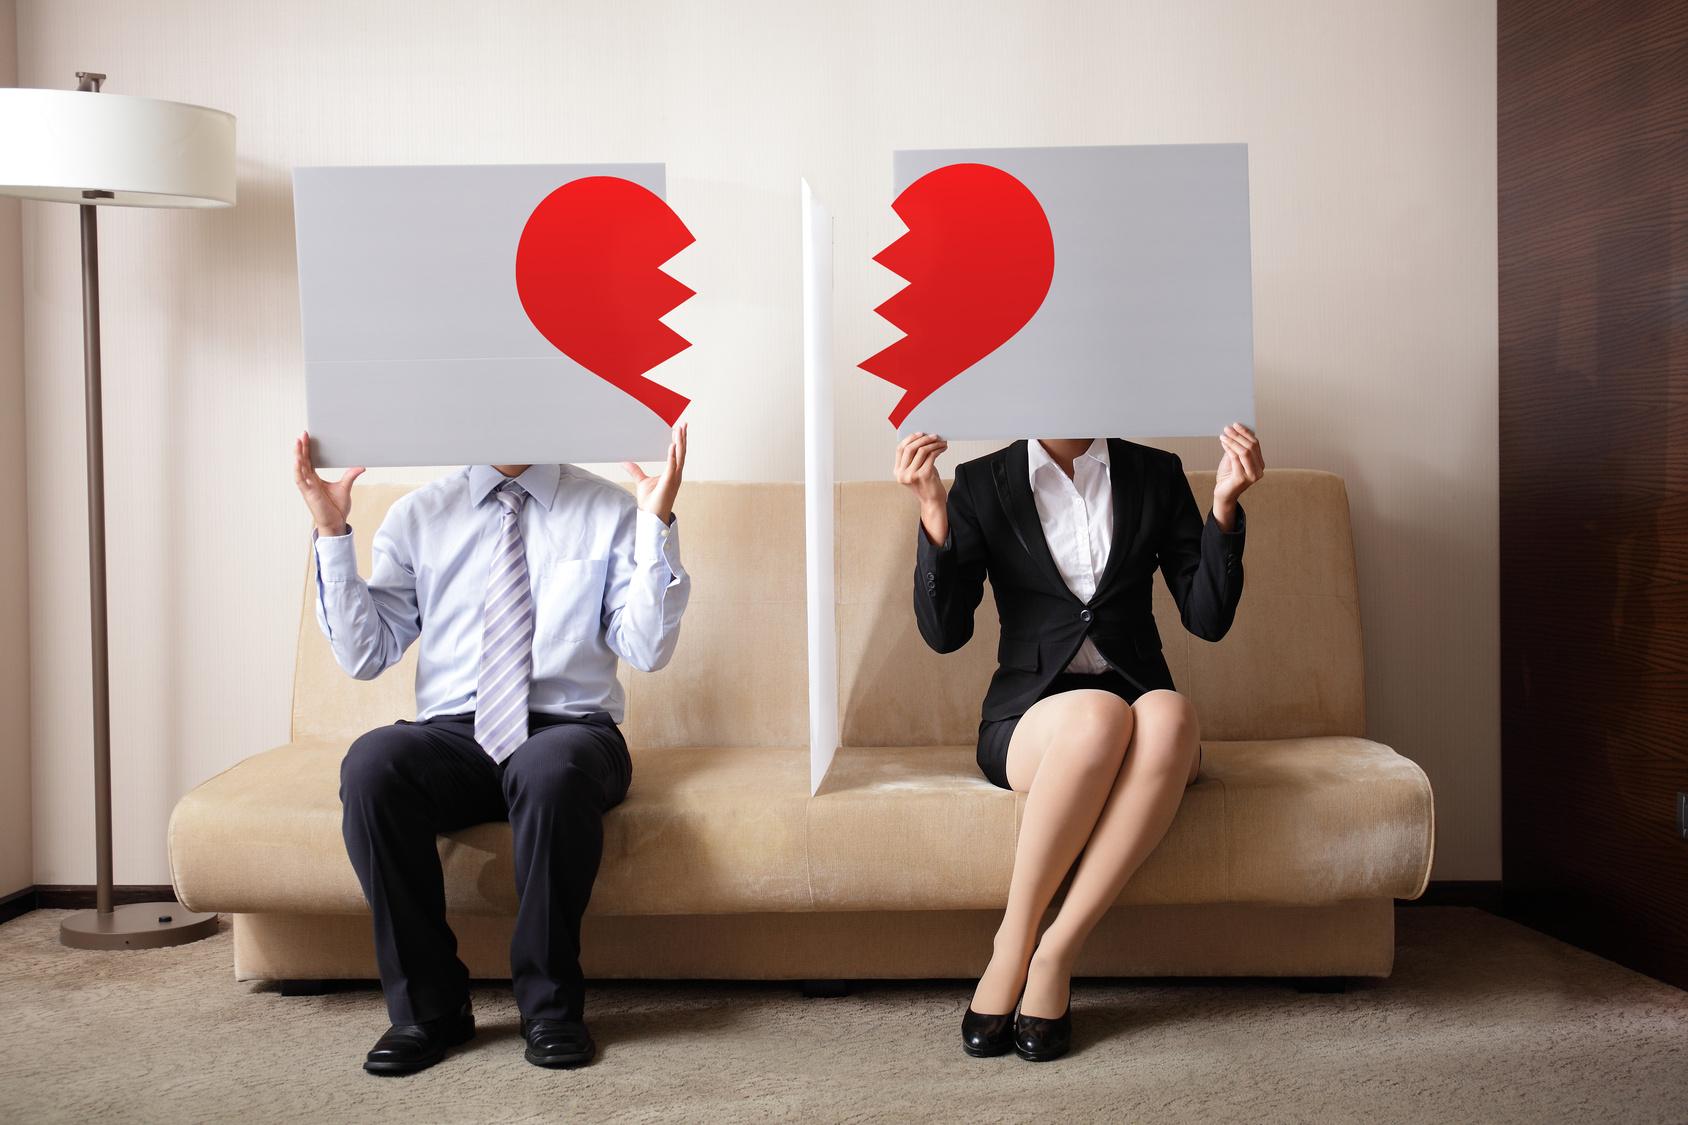 結婚すると不幸になる男の特徴とチェック法 まとめ